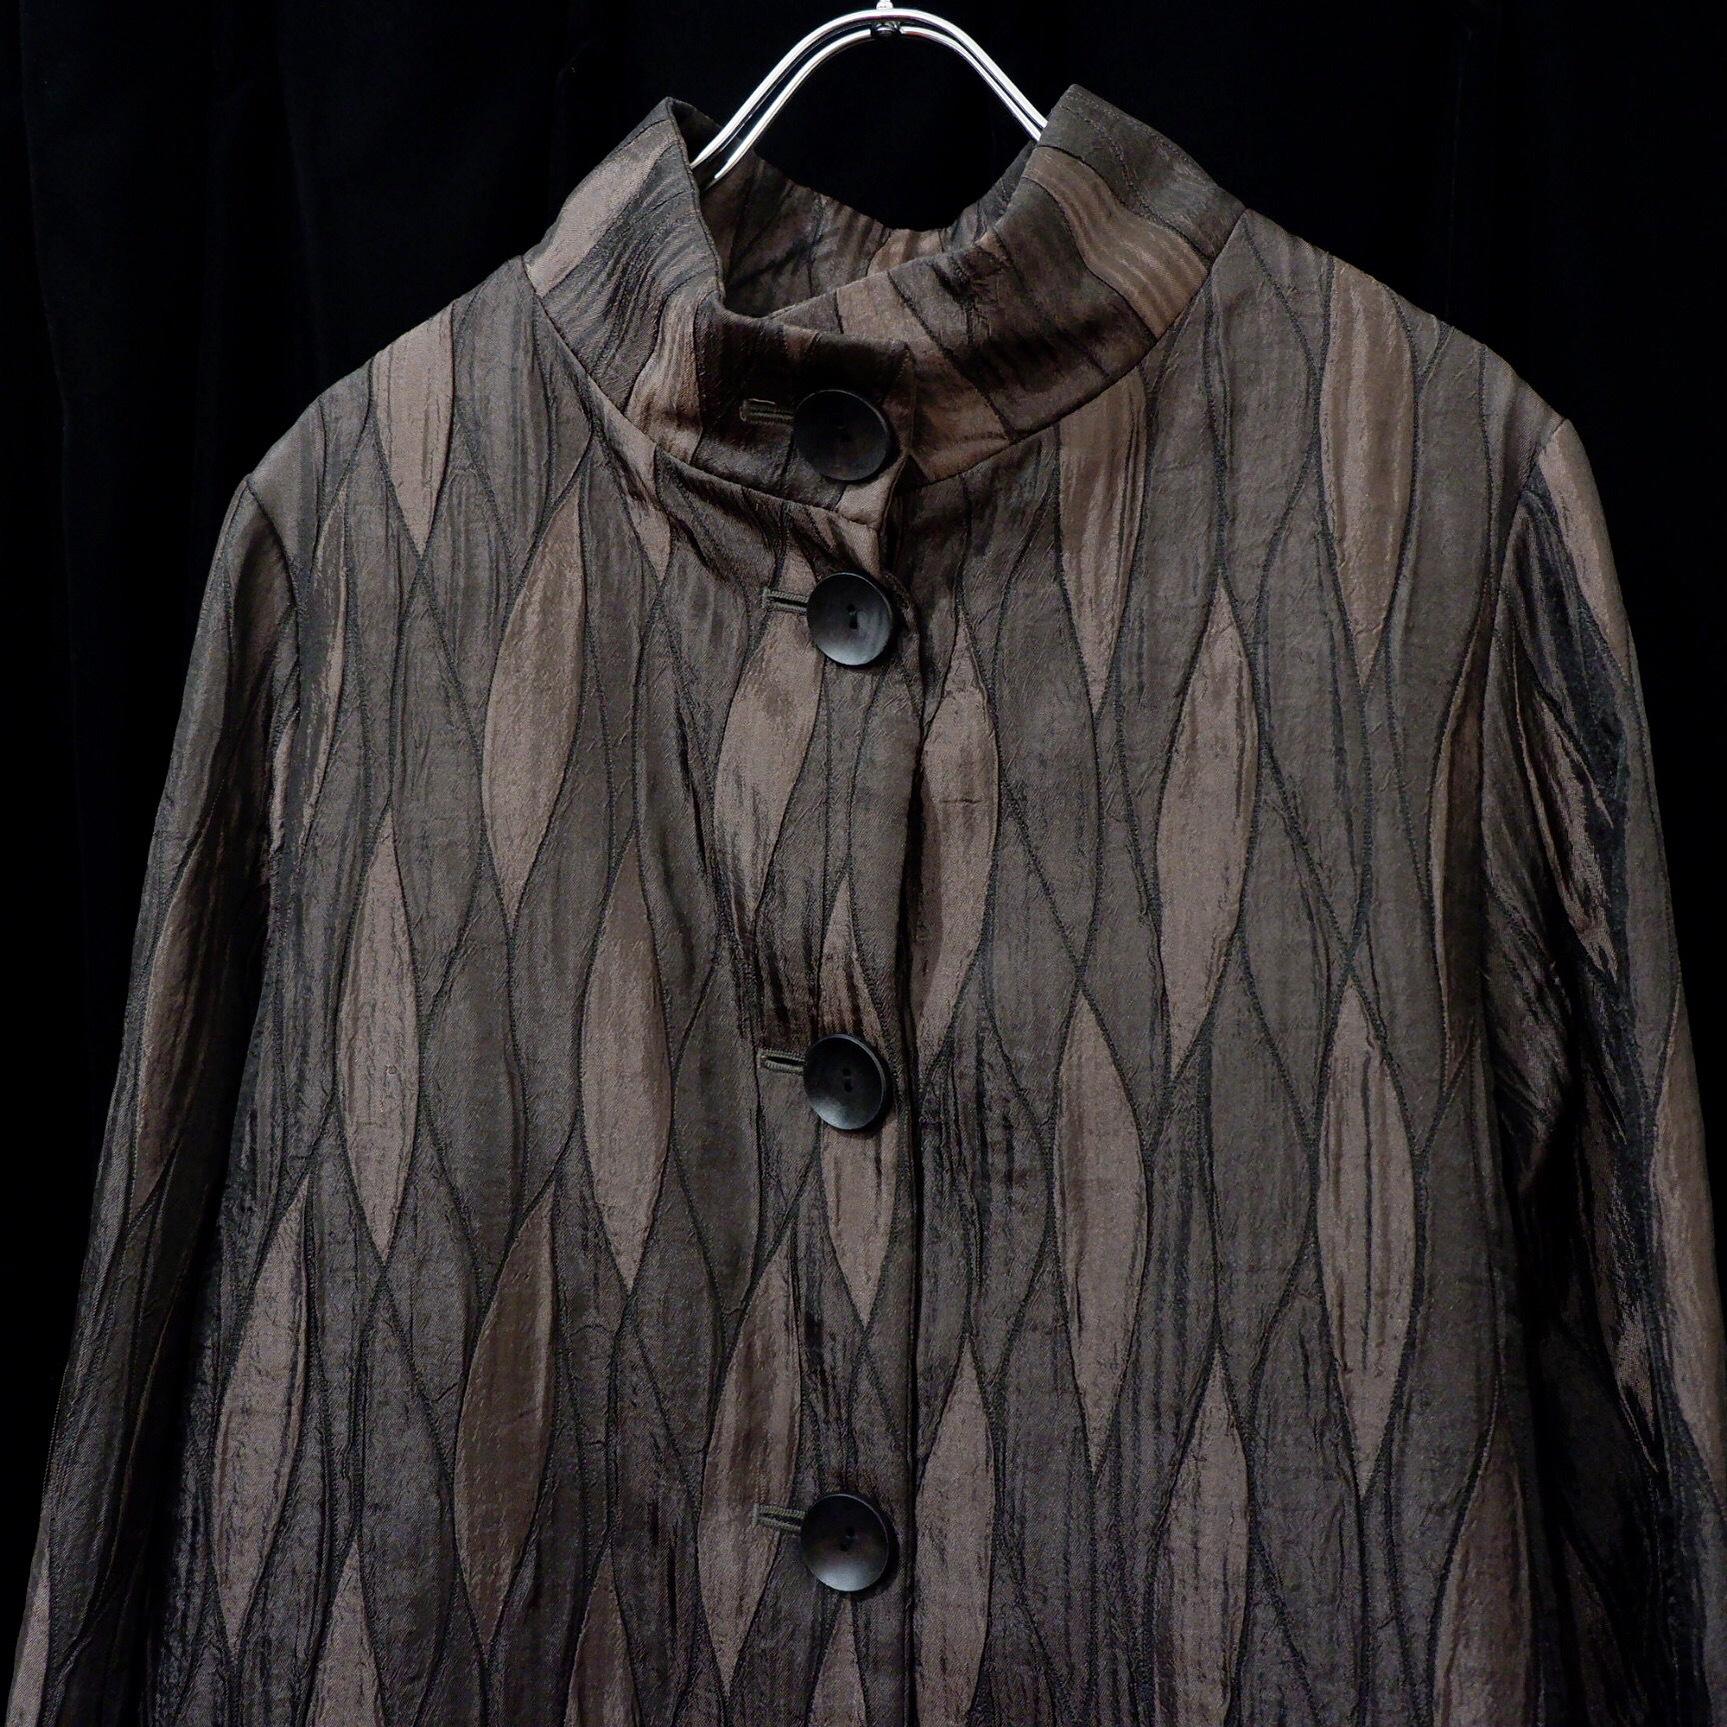 【レディース】アメリカ古着 Korea製 デザイン コート